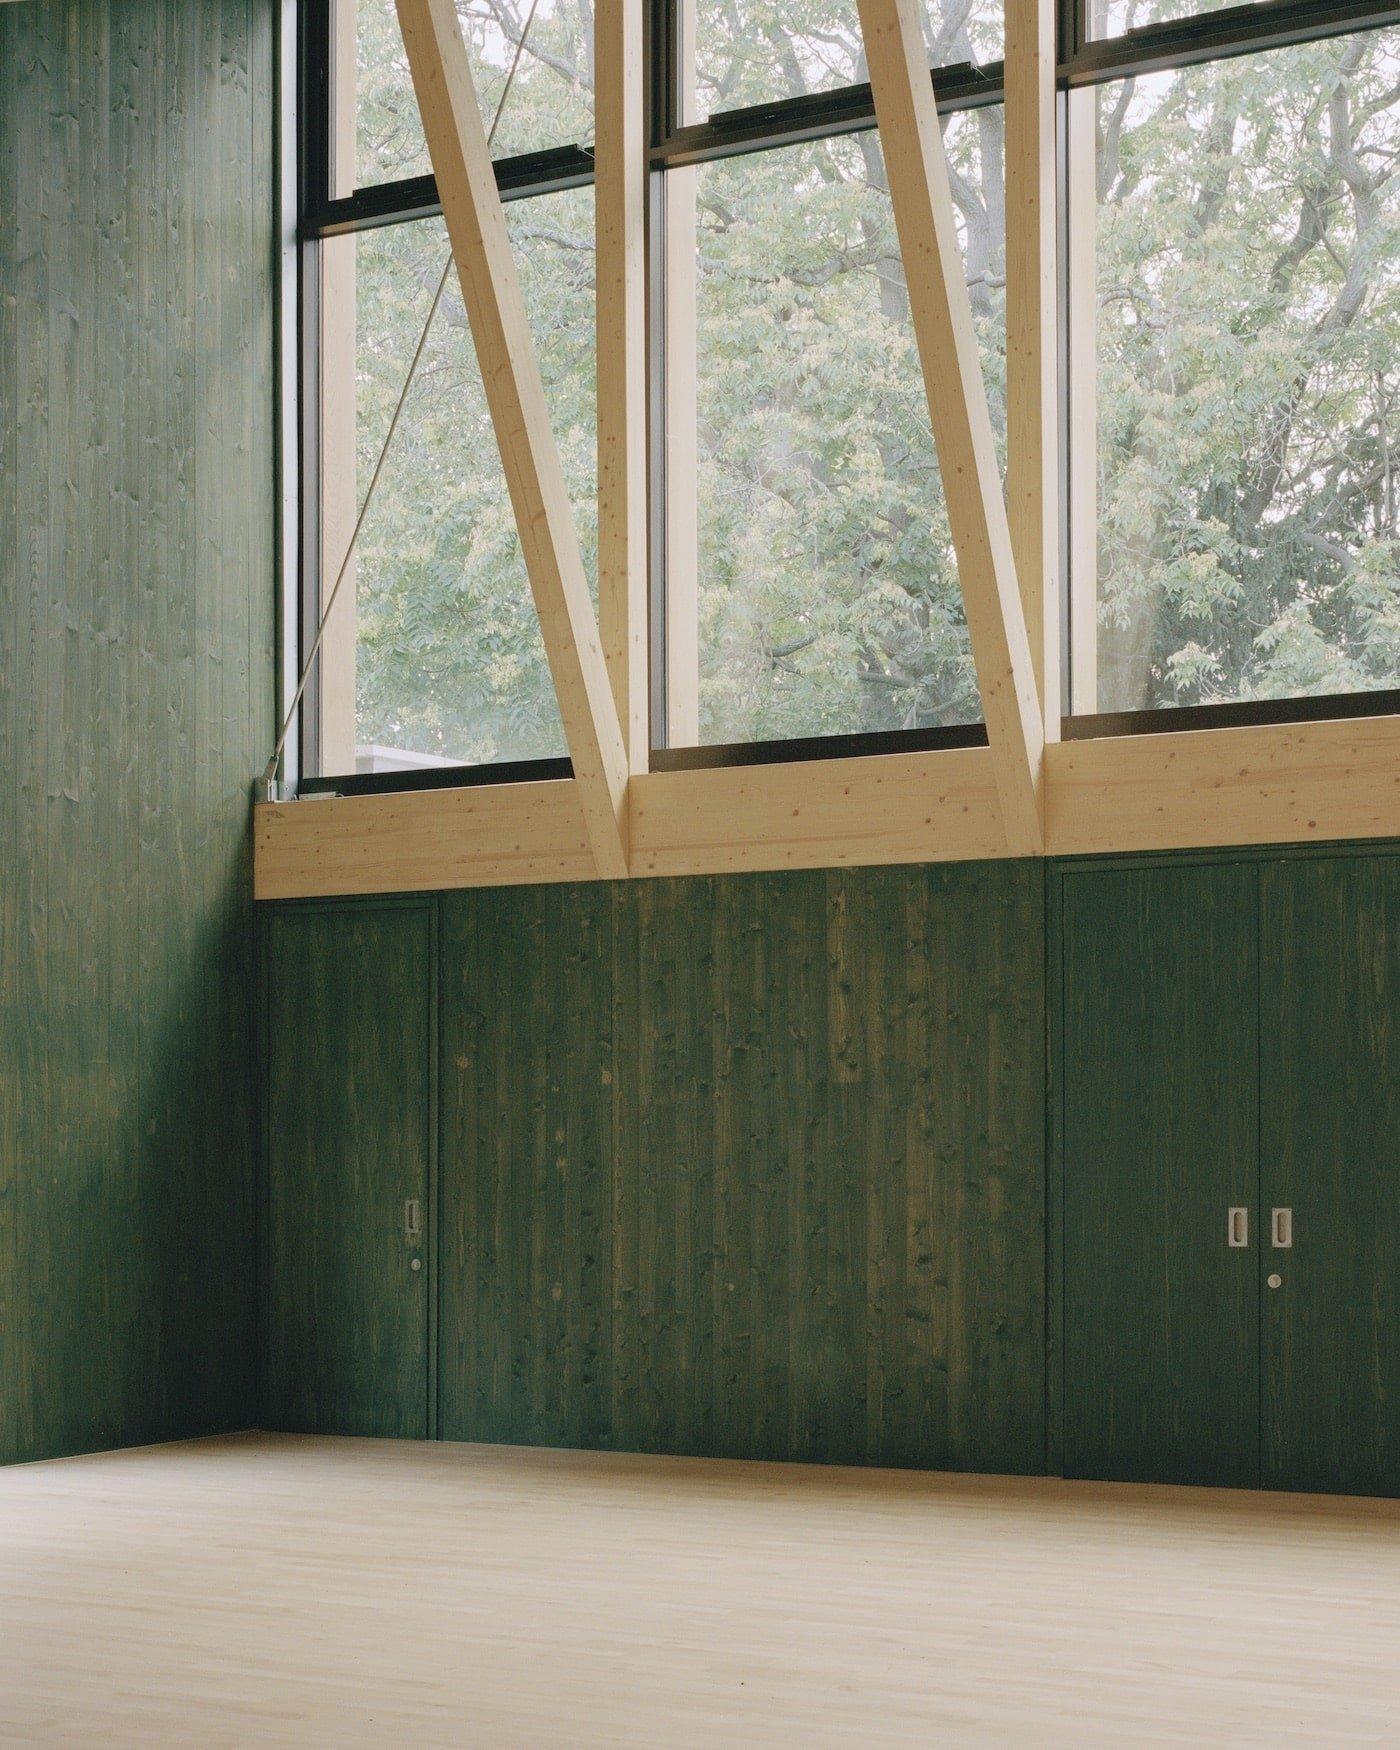 Cross laminated timber painted green walls